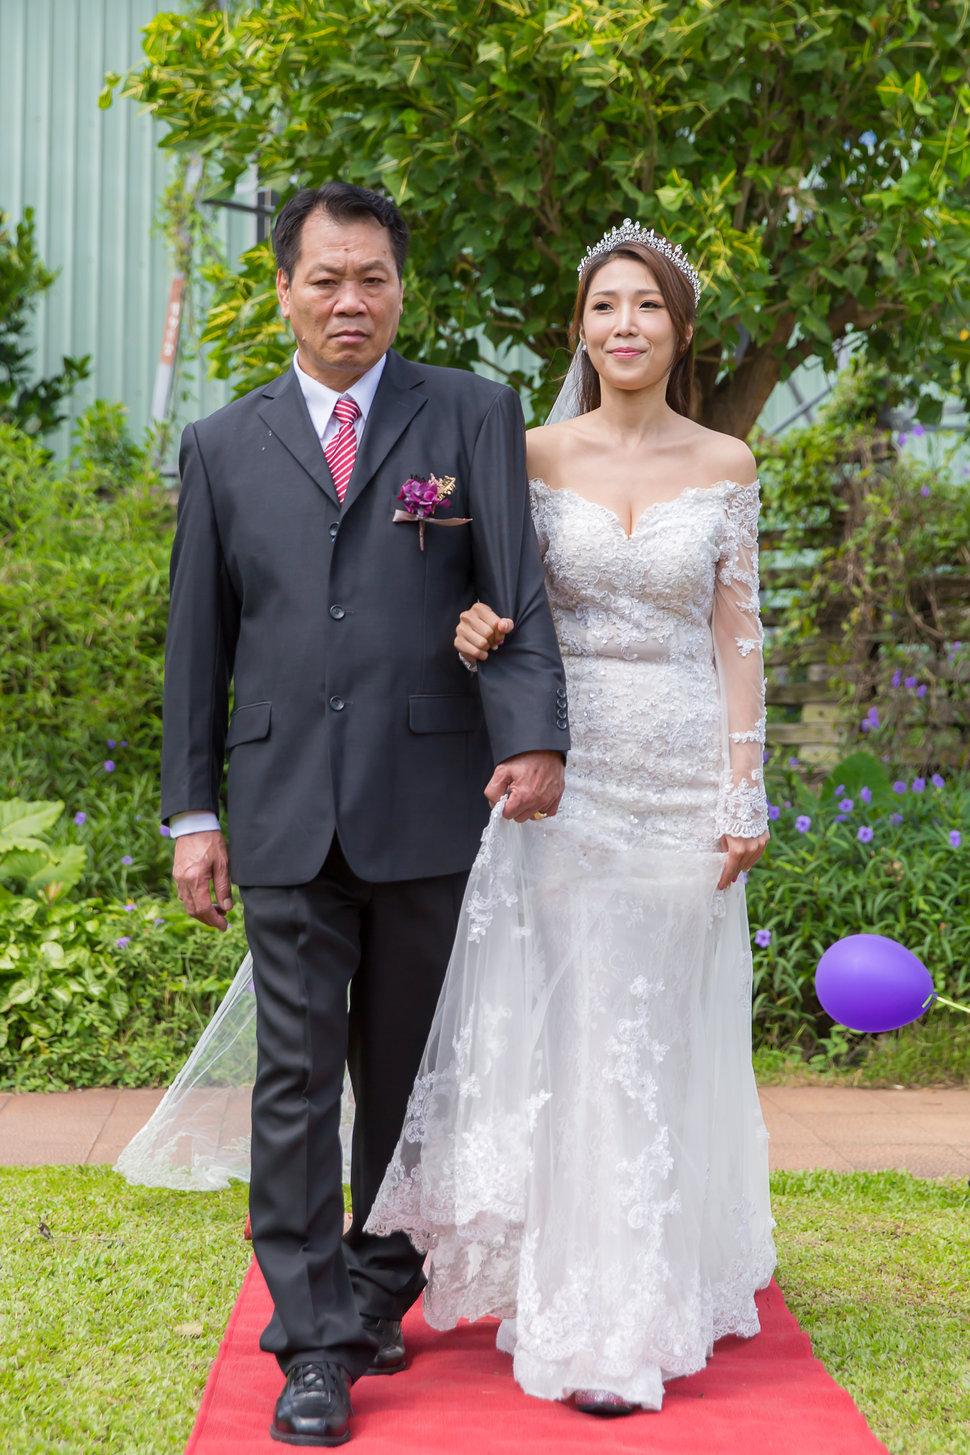 兆康&鈴芳_婚儀_新莊香草花緣餐廳(編號:287442) - Baby Sweety 婚禮記錄 - 結婚吧